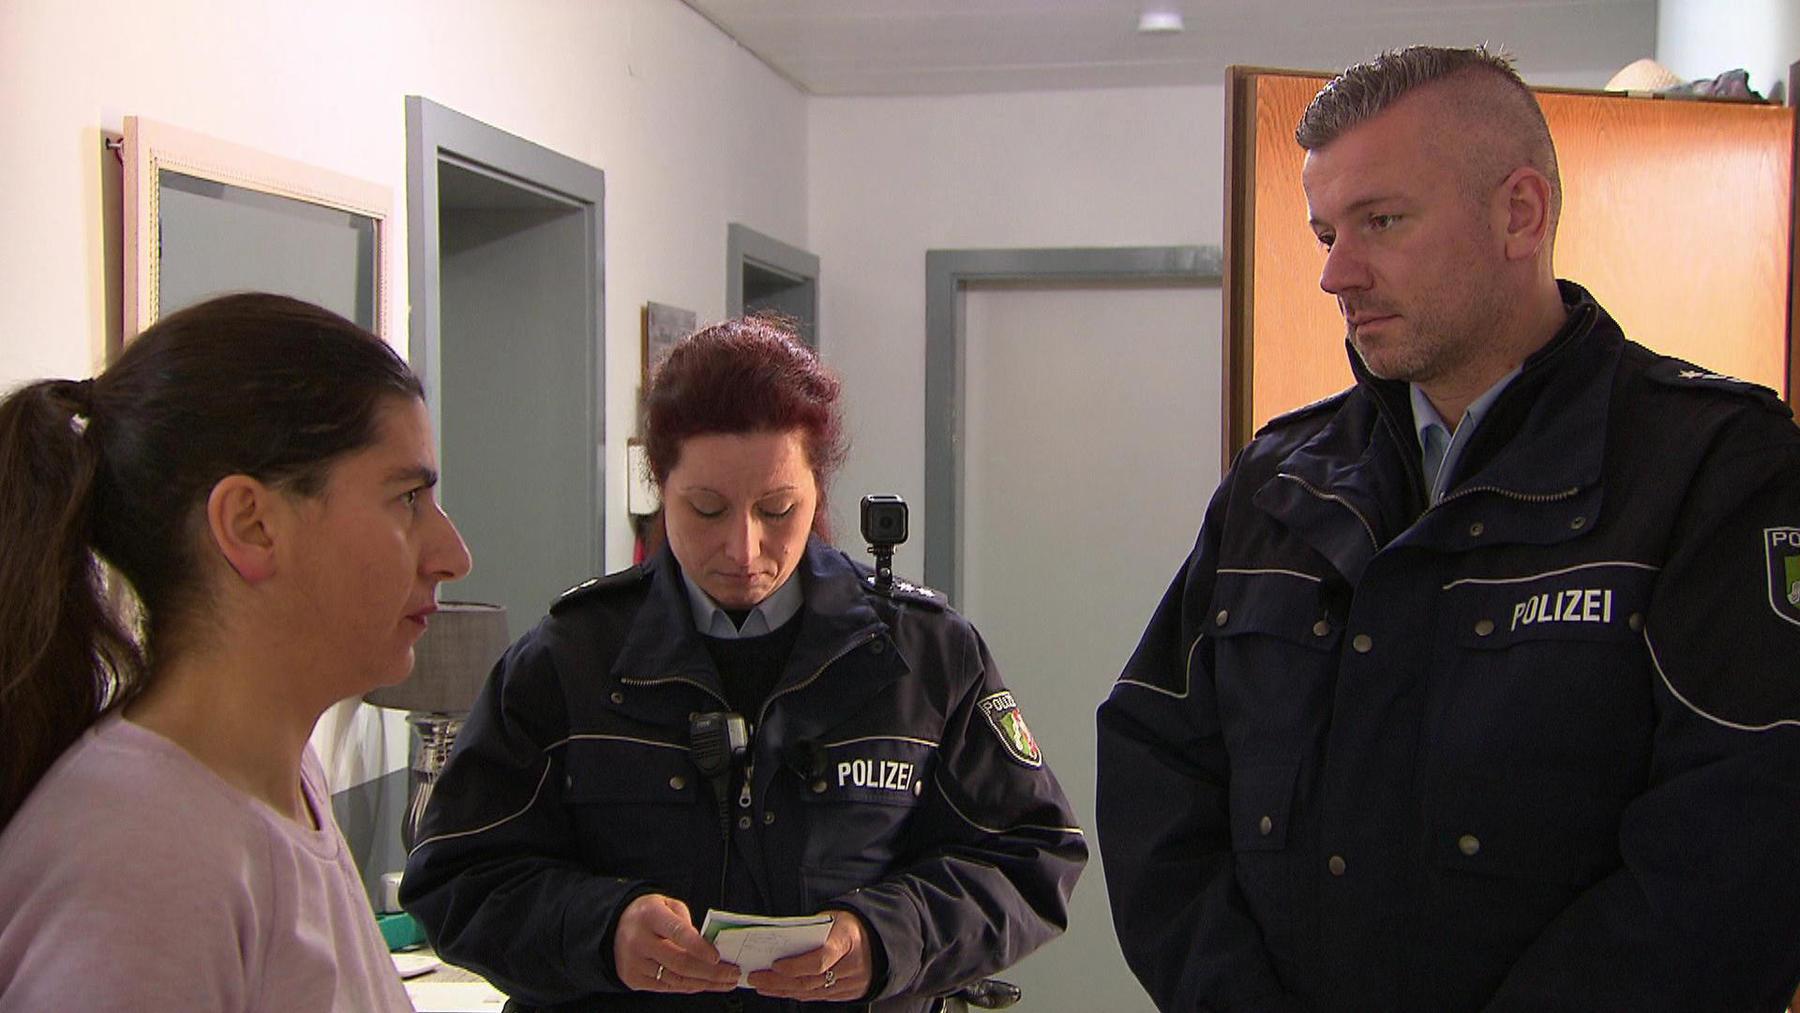 Polizei stellt Schulschwänzer   60-Jährige glaubt, Opfer des Enkeltricks zu sein   21-Jähriger versc